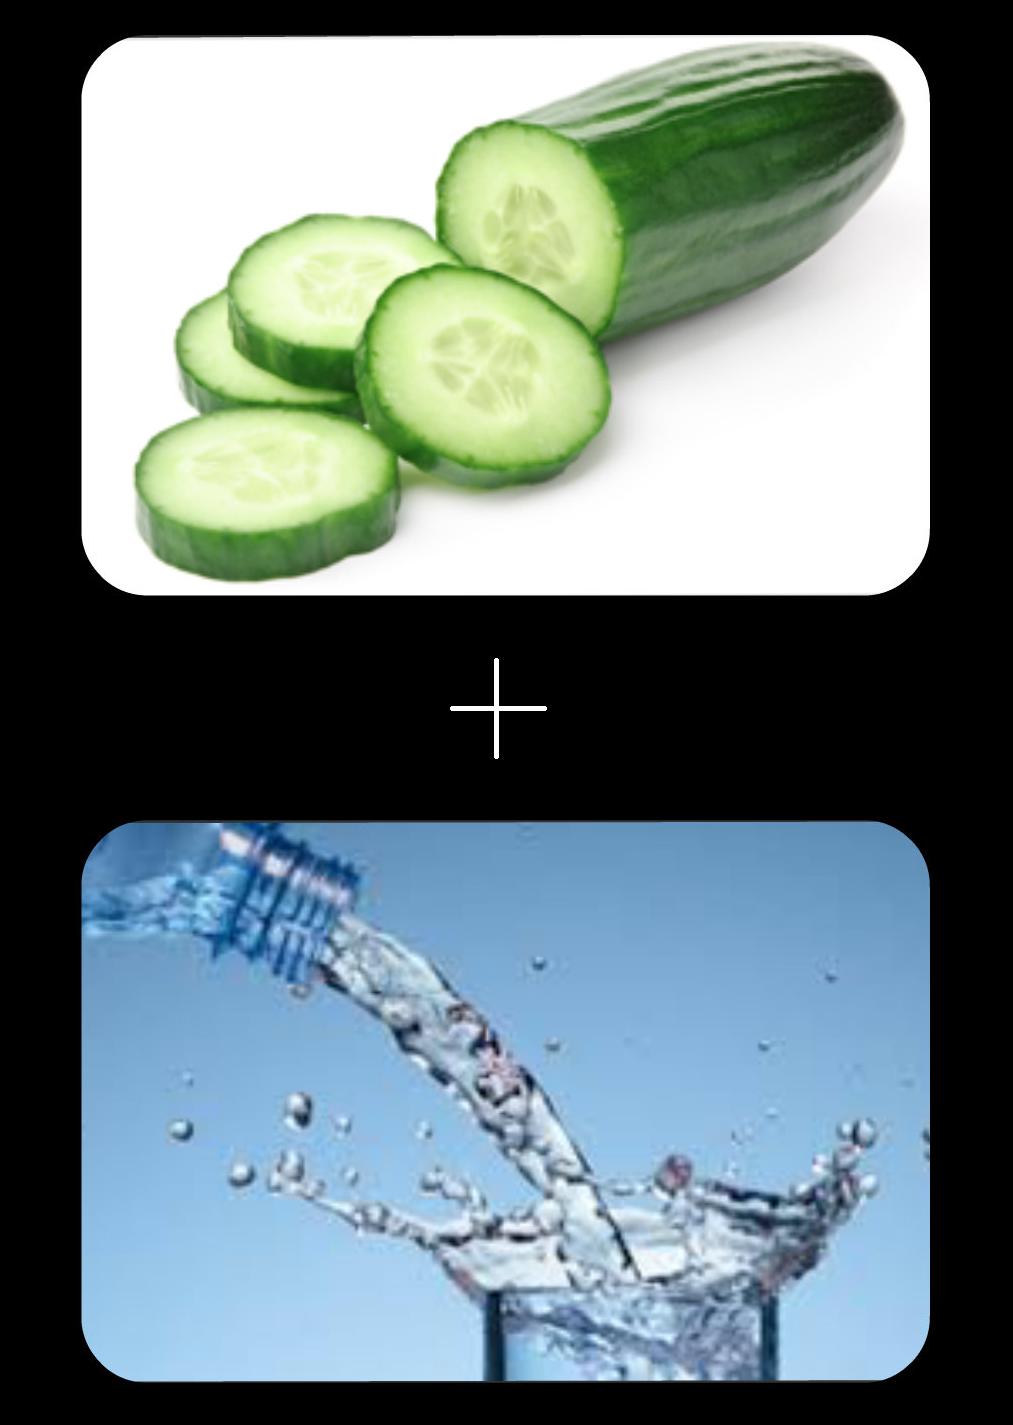 DIY Lotion tonique au concombre - Les Mousquetettes